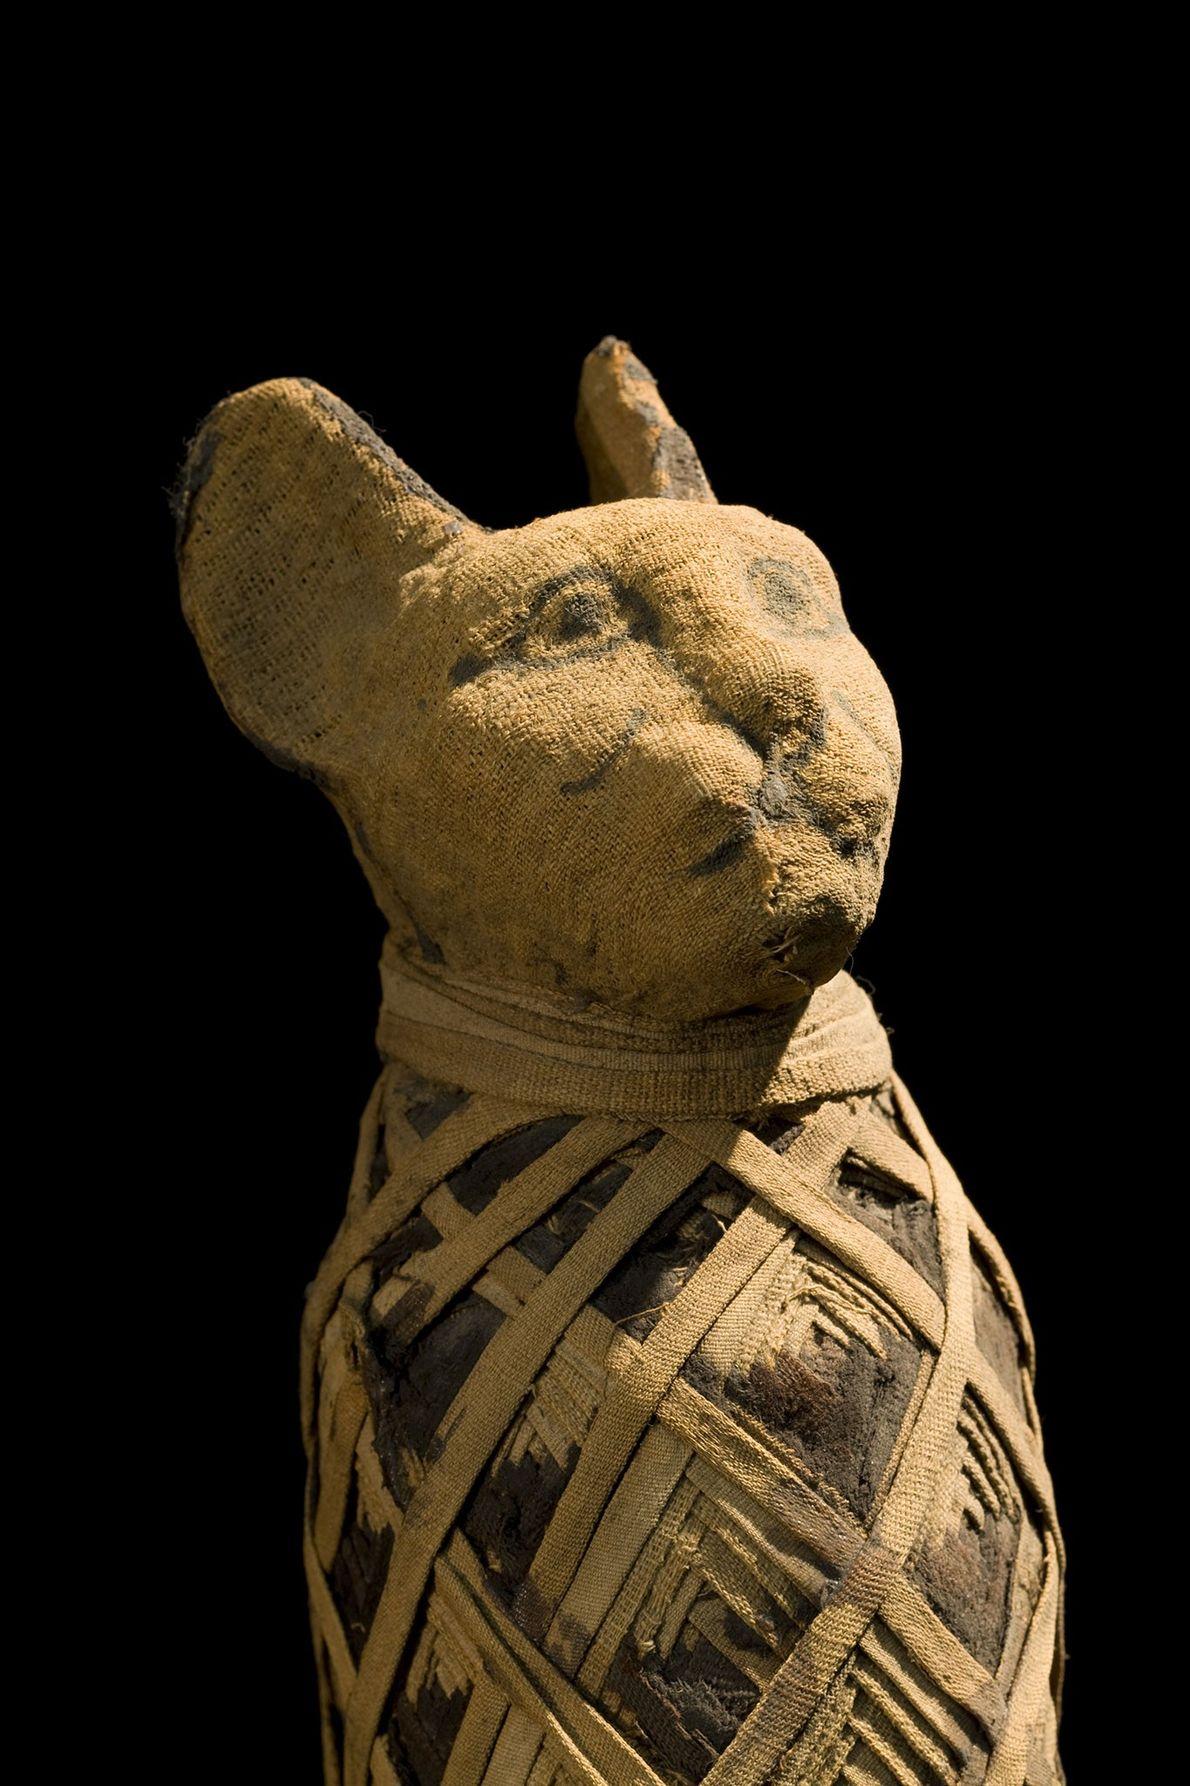 Mumie einer Katze